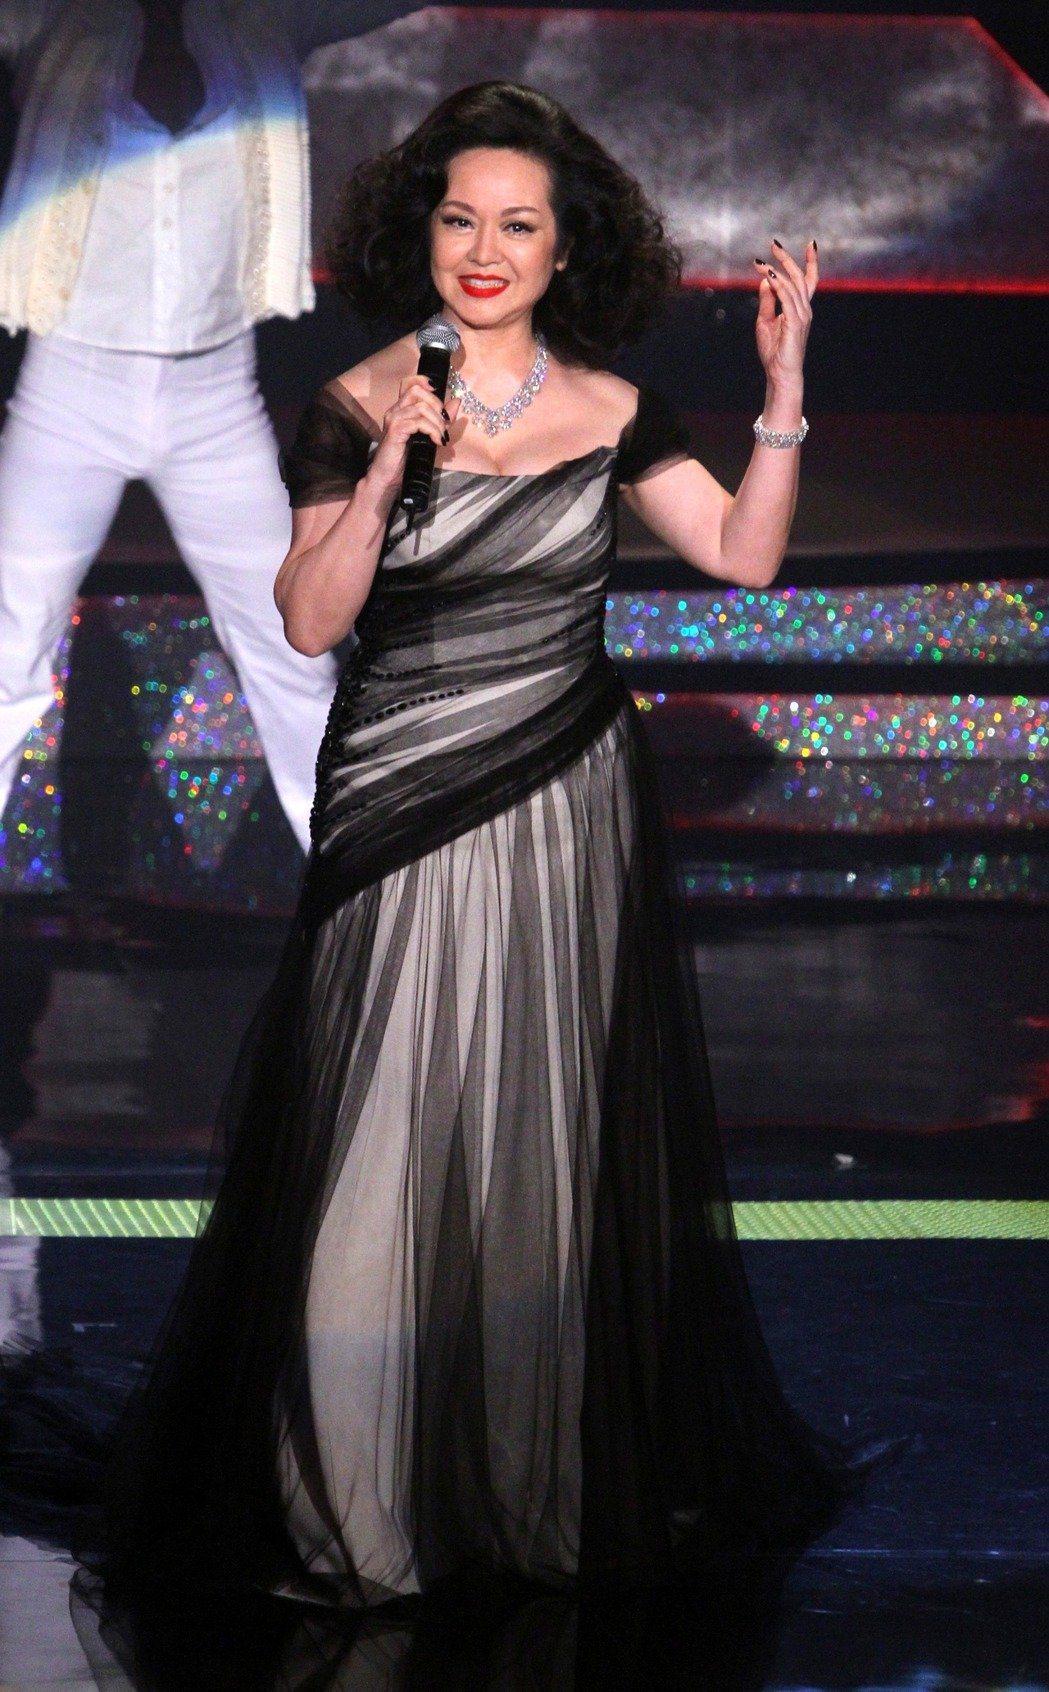 崔苔菁當年紅遍國際,被稱為「台灣的瑪丹娜」。圖/本報系資料照片